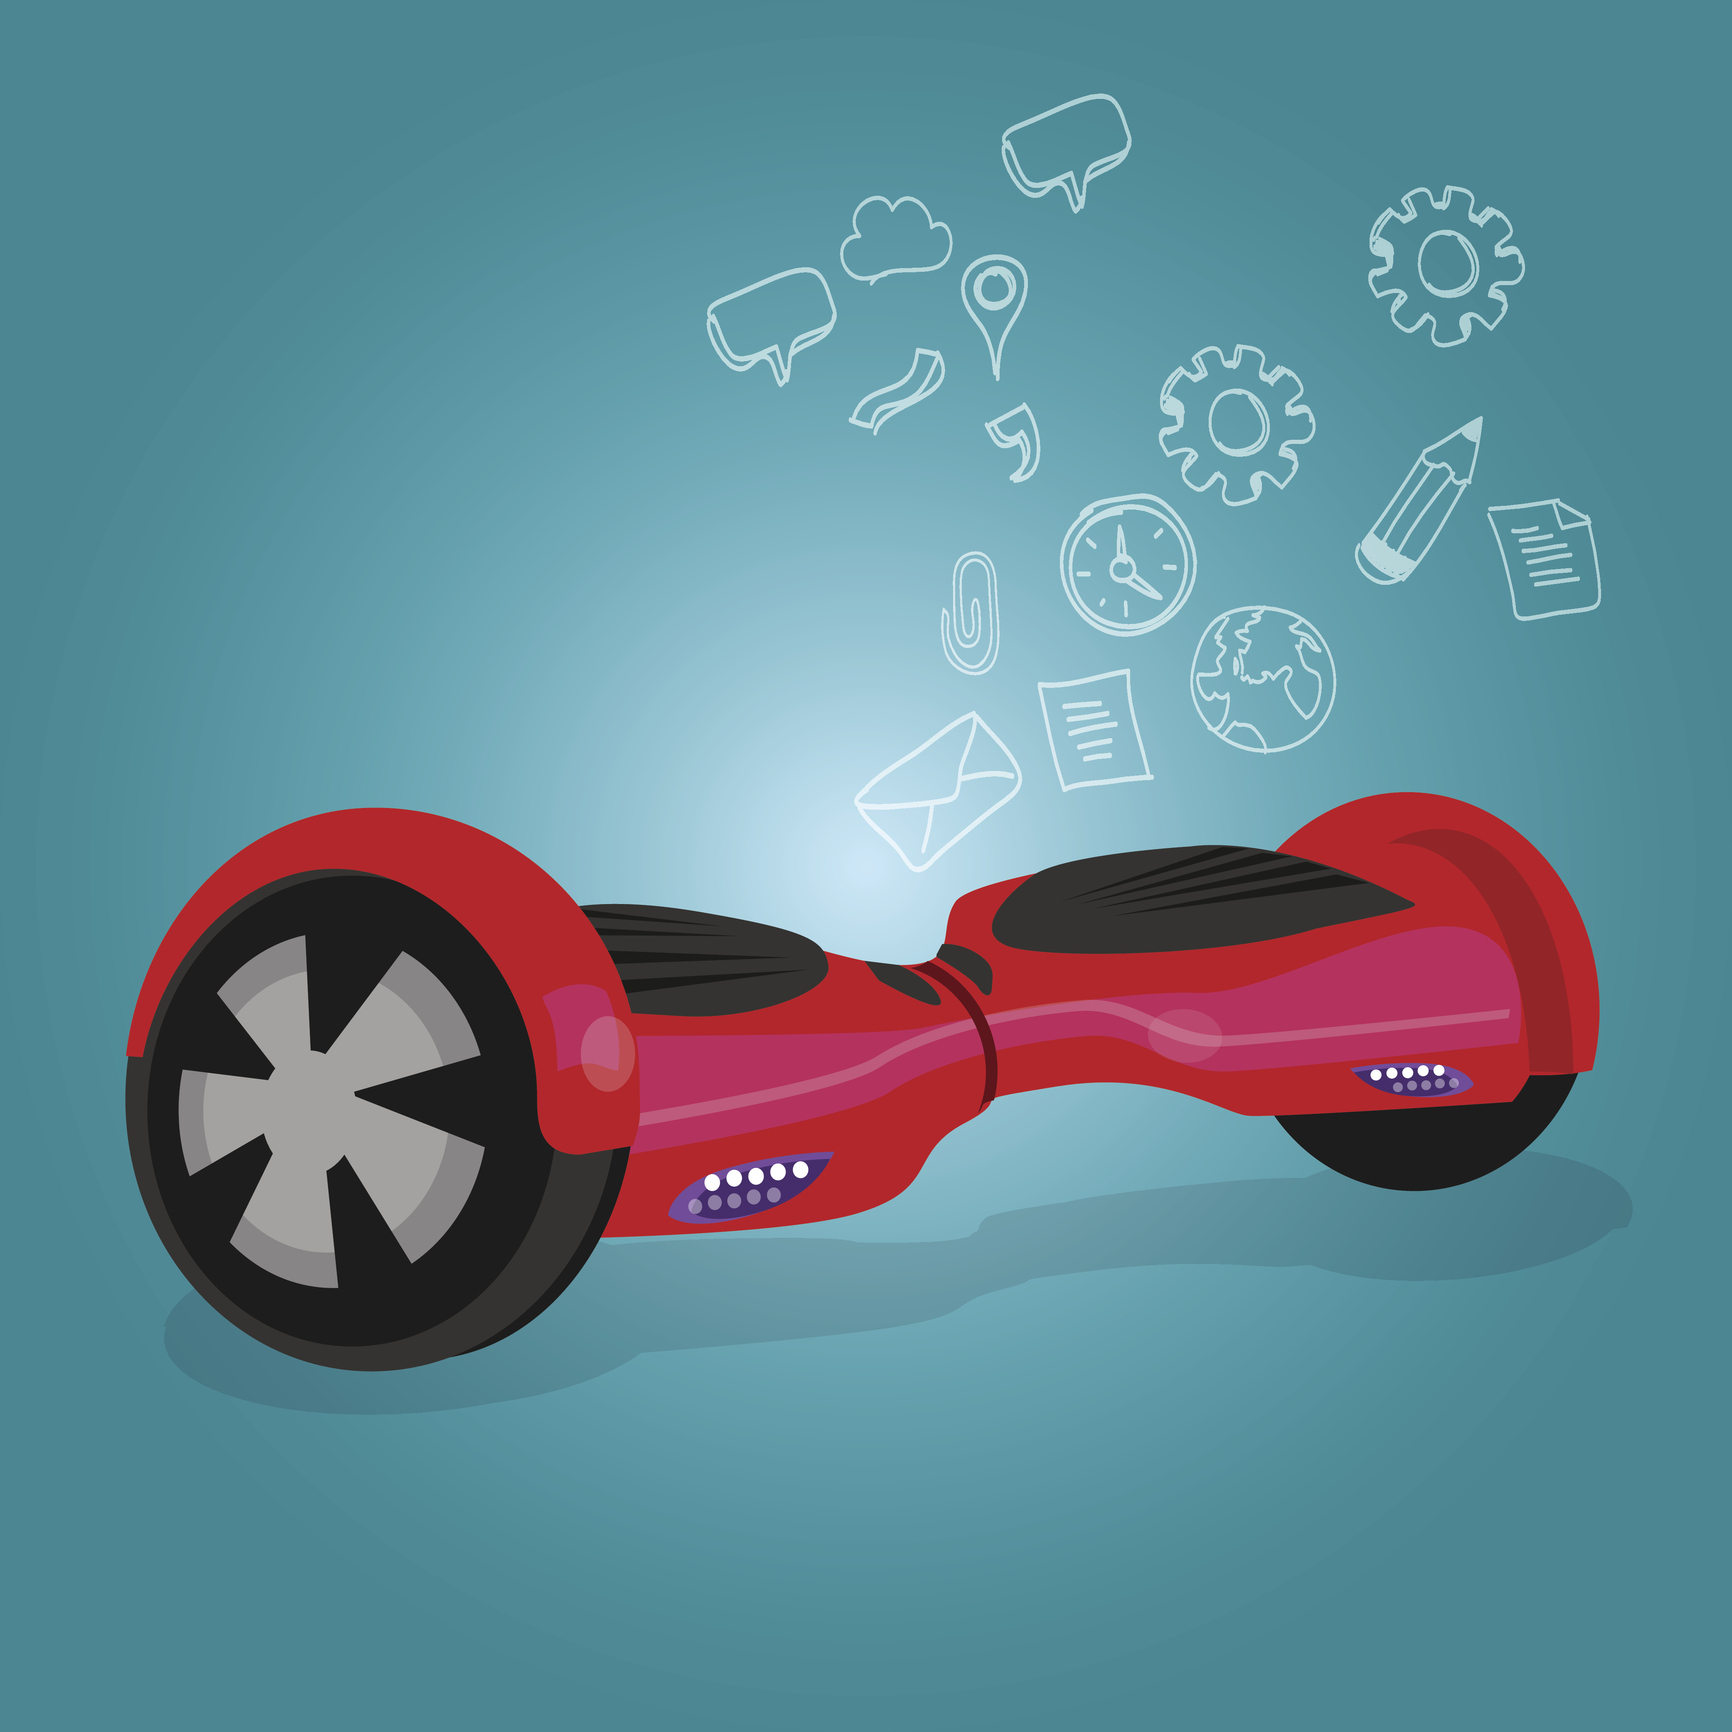 Hoverboard.jpg